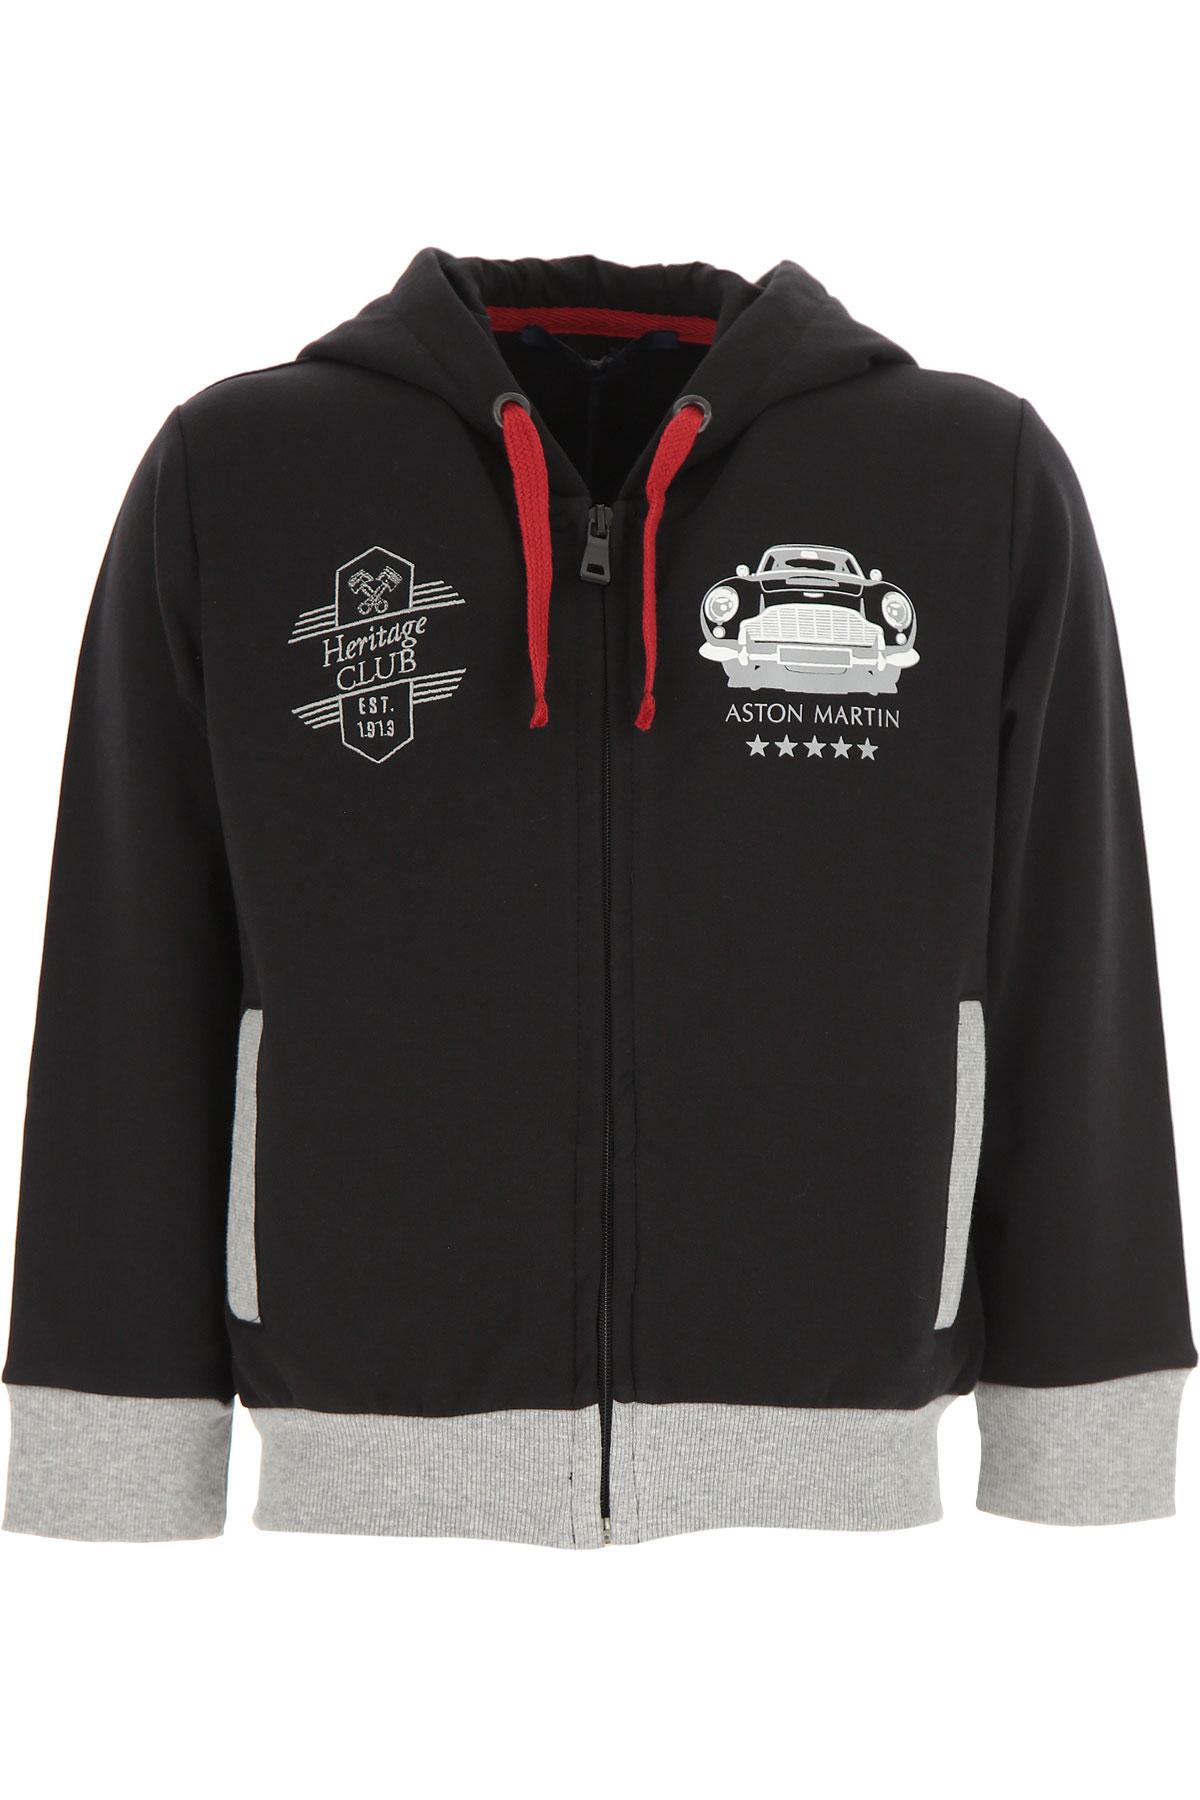 Image of Aston Martin Kids Sweatshirts & Hoodies for Boys, Black, Cotton, 2017, 10Y 14Y 16Y 2Y 4Y 6Y 8Y